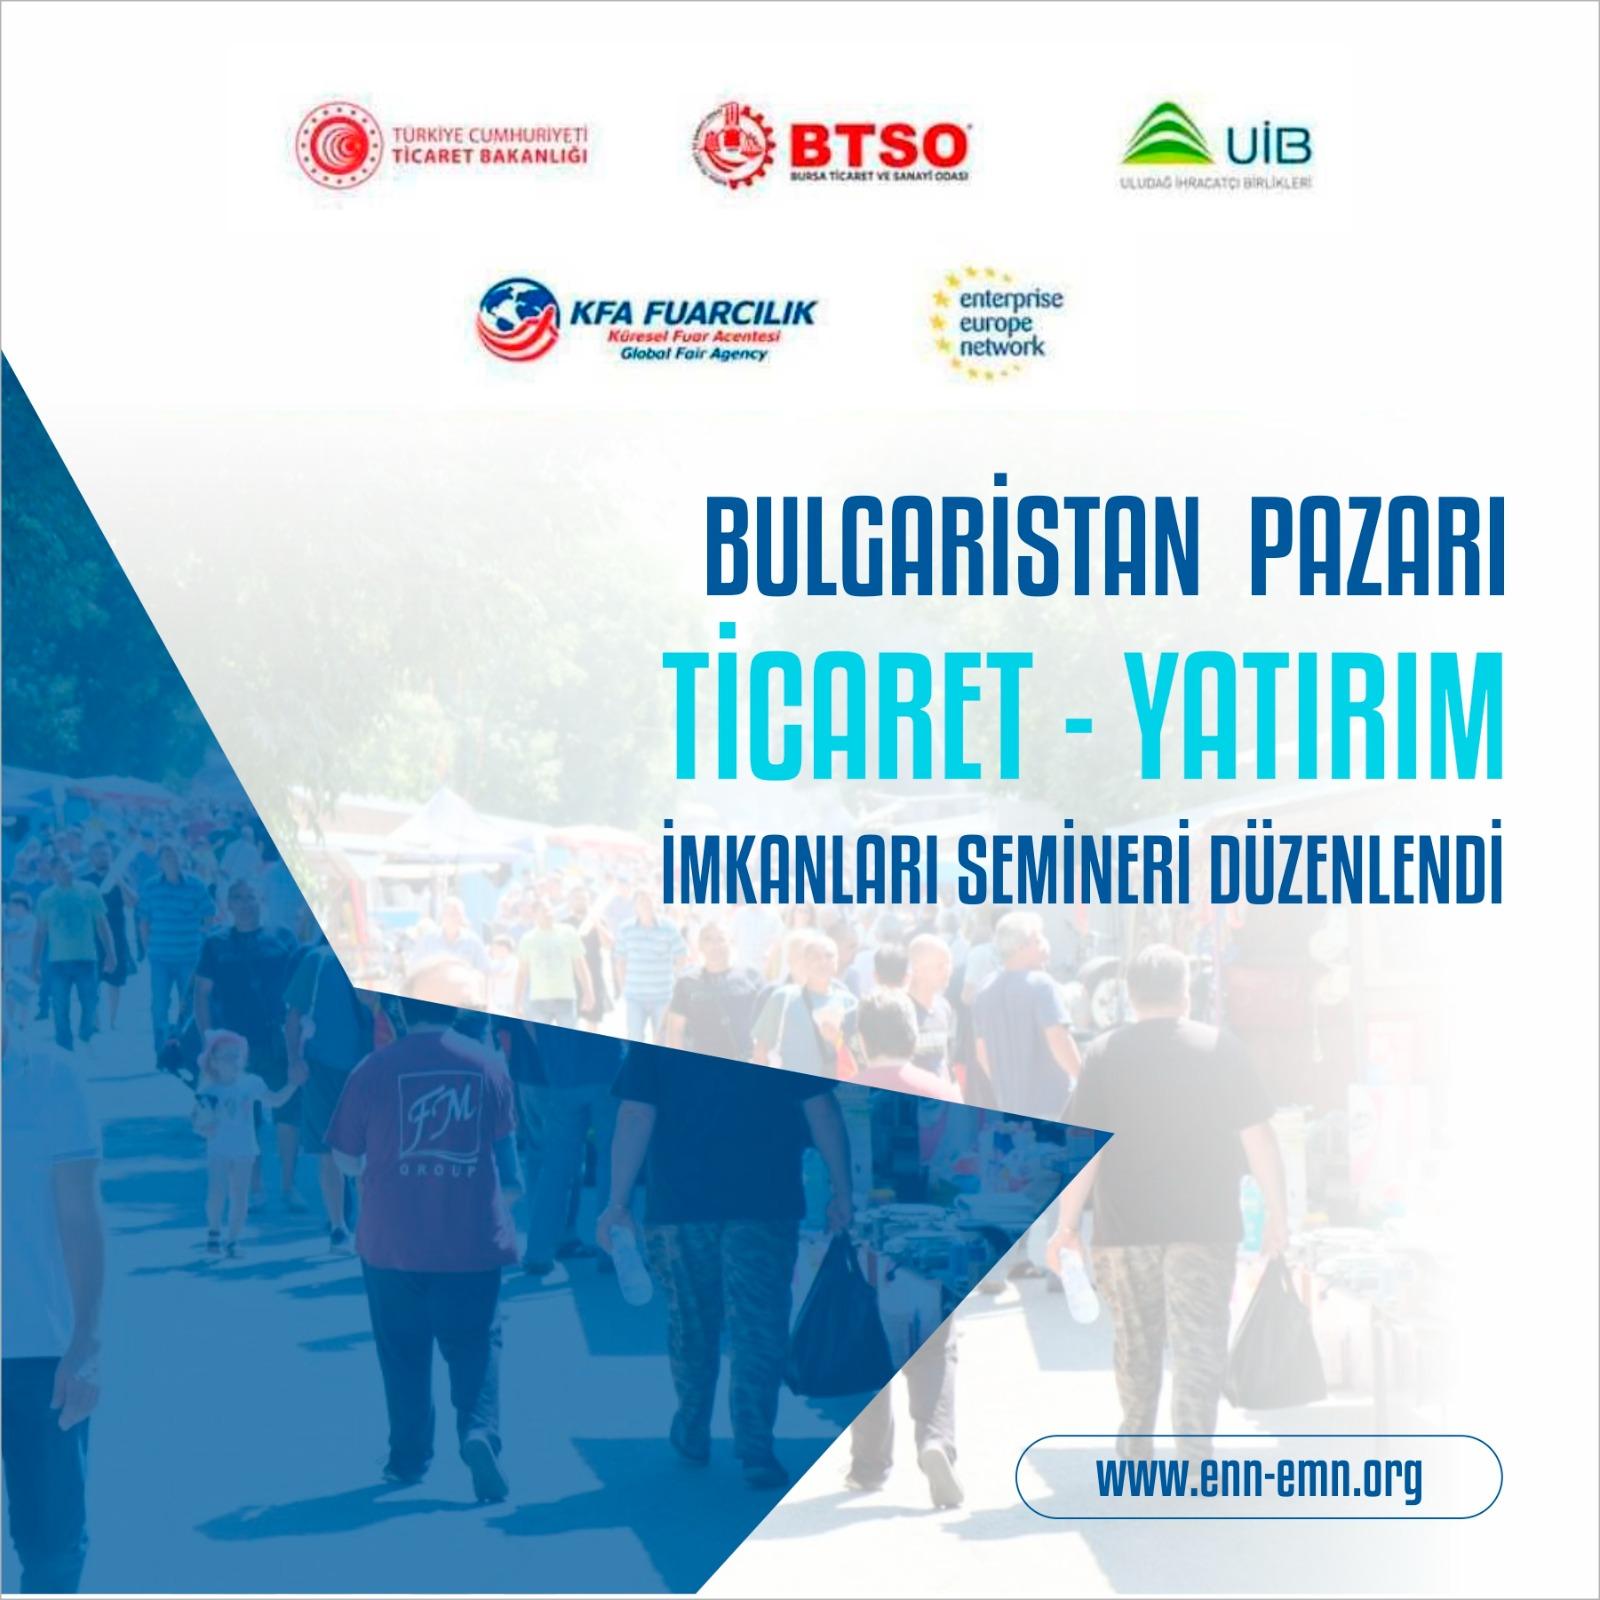 Bulgaristan Pazarı ve Ticaret-Yatırım İmkanları gerçekleştirildi.